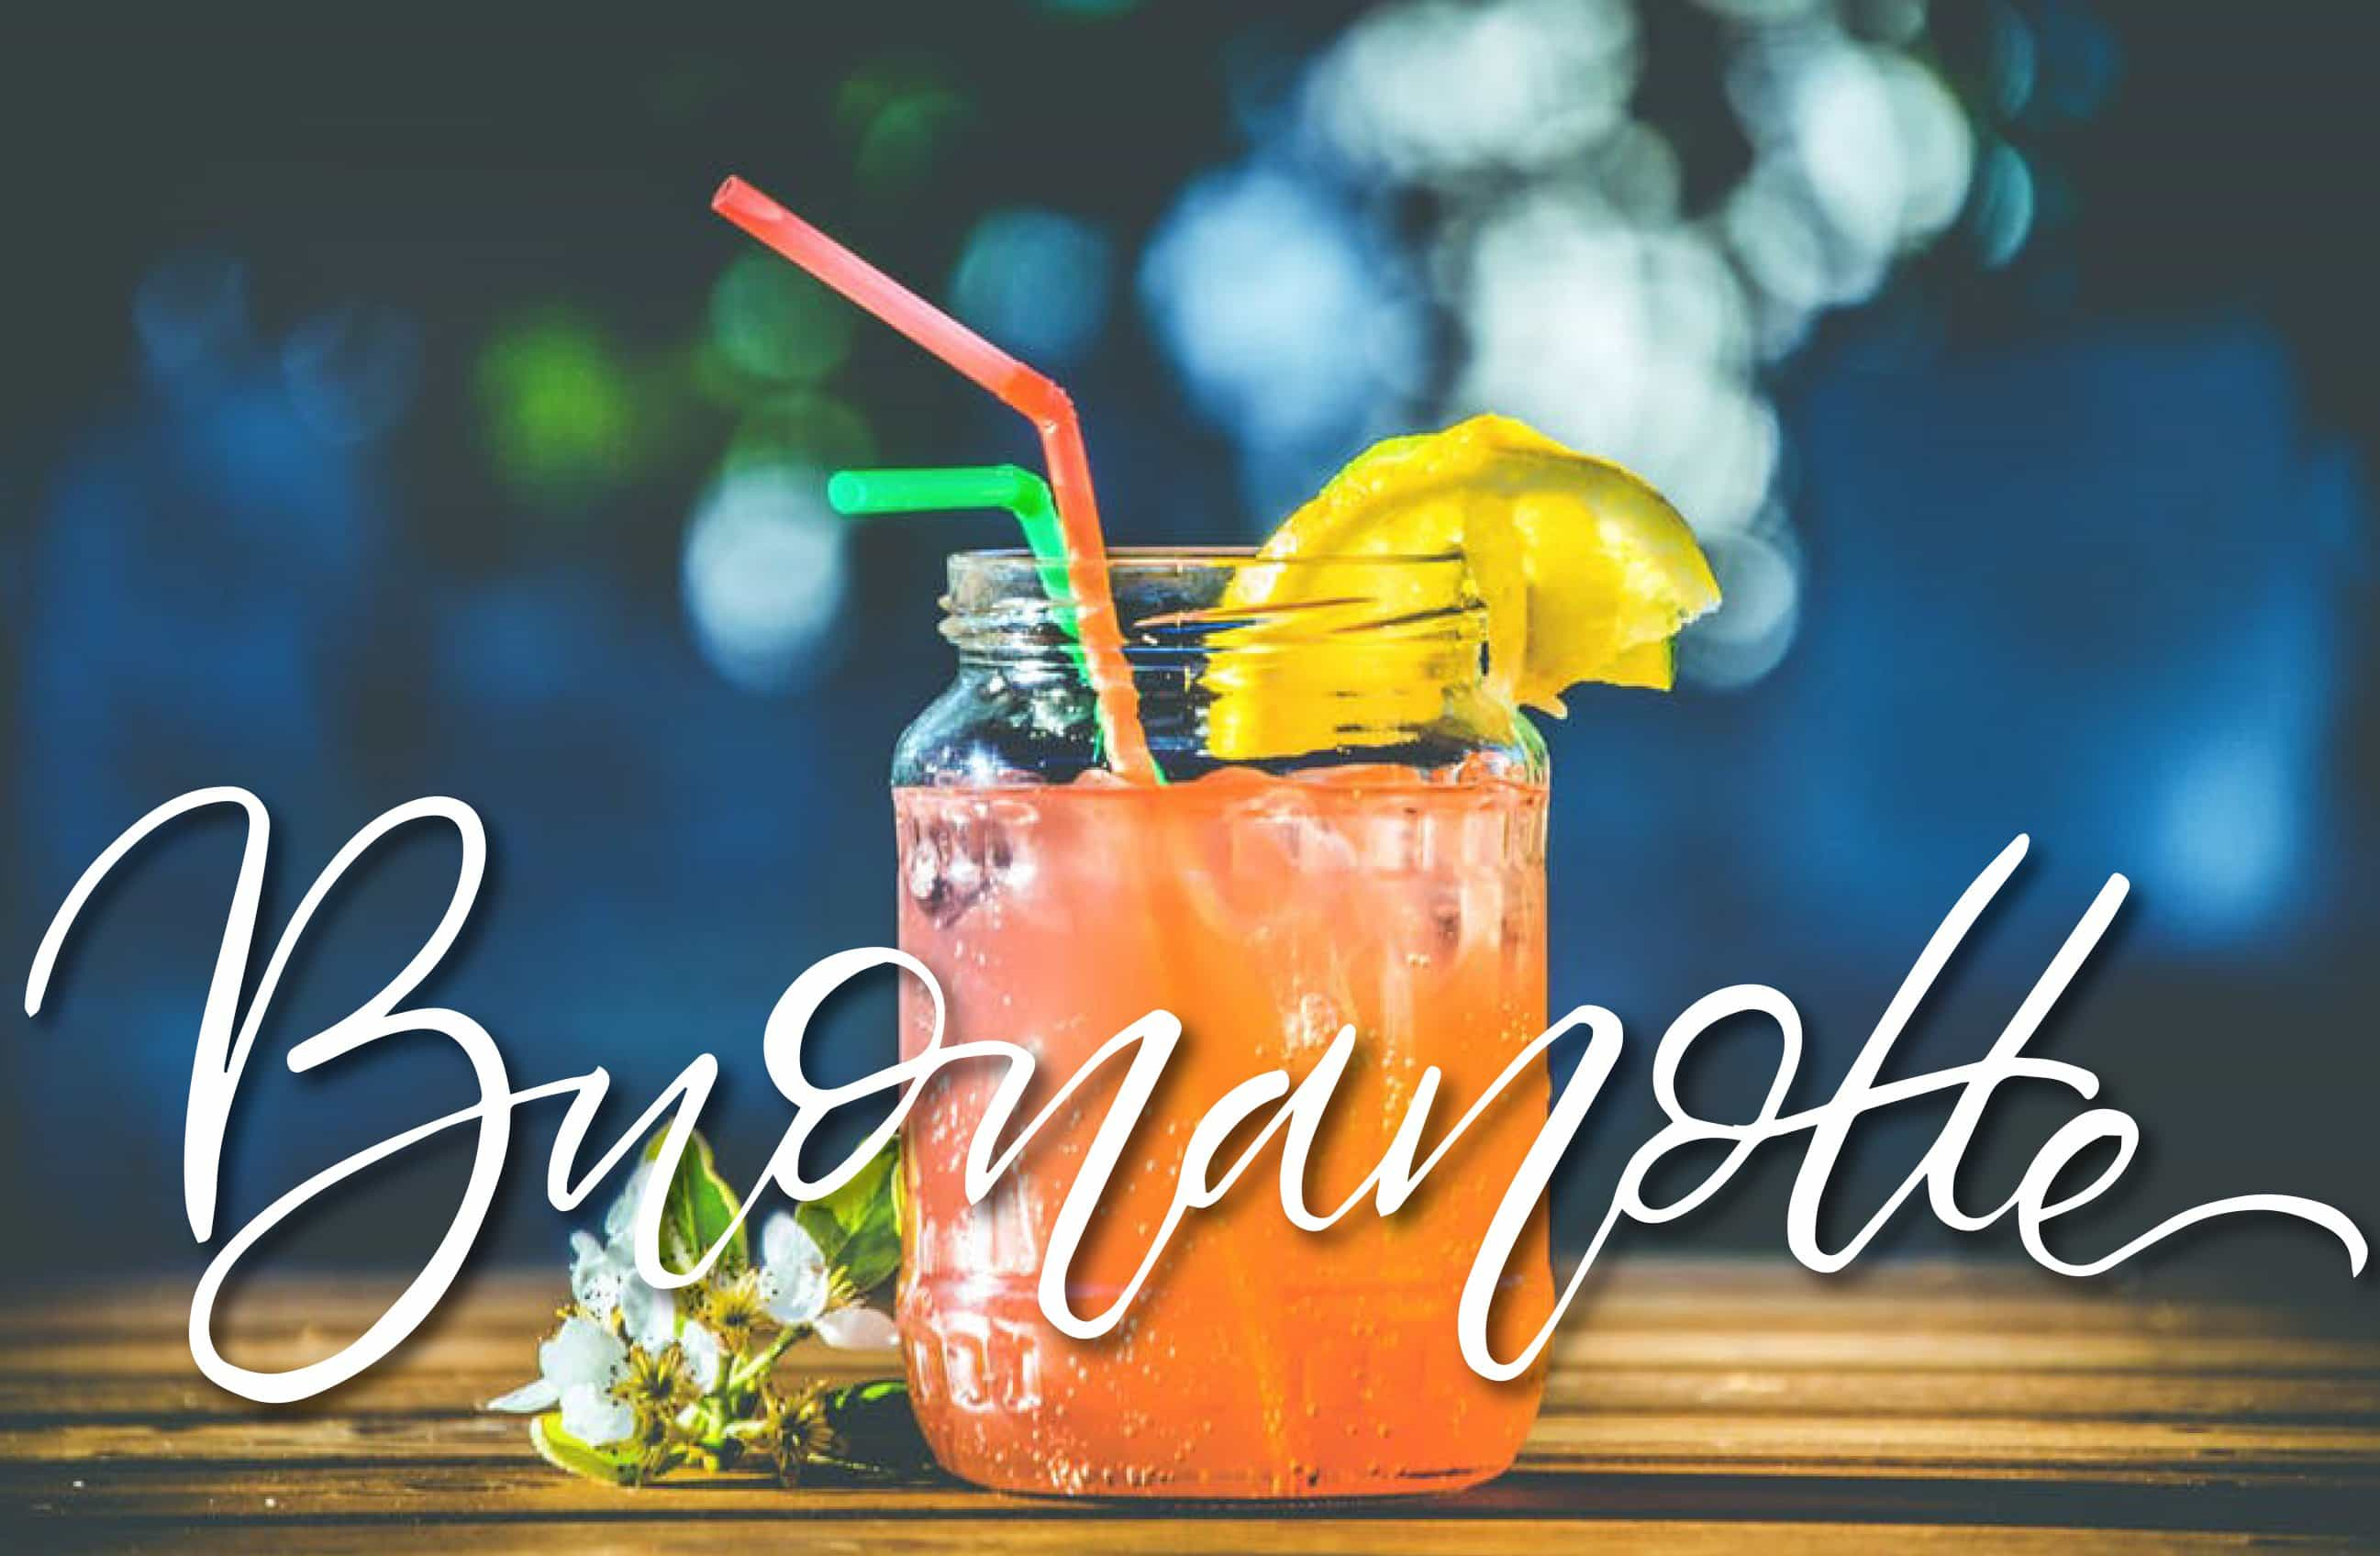 Buonanotte con il cocktail - foto per Facebook